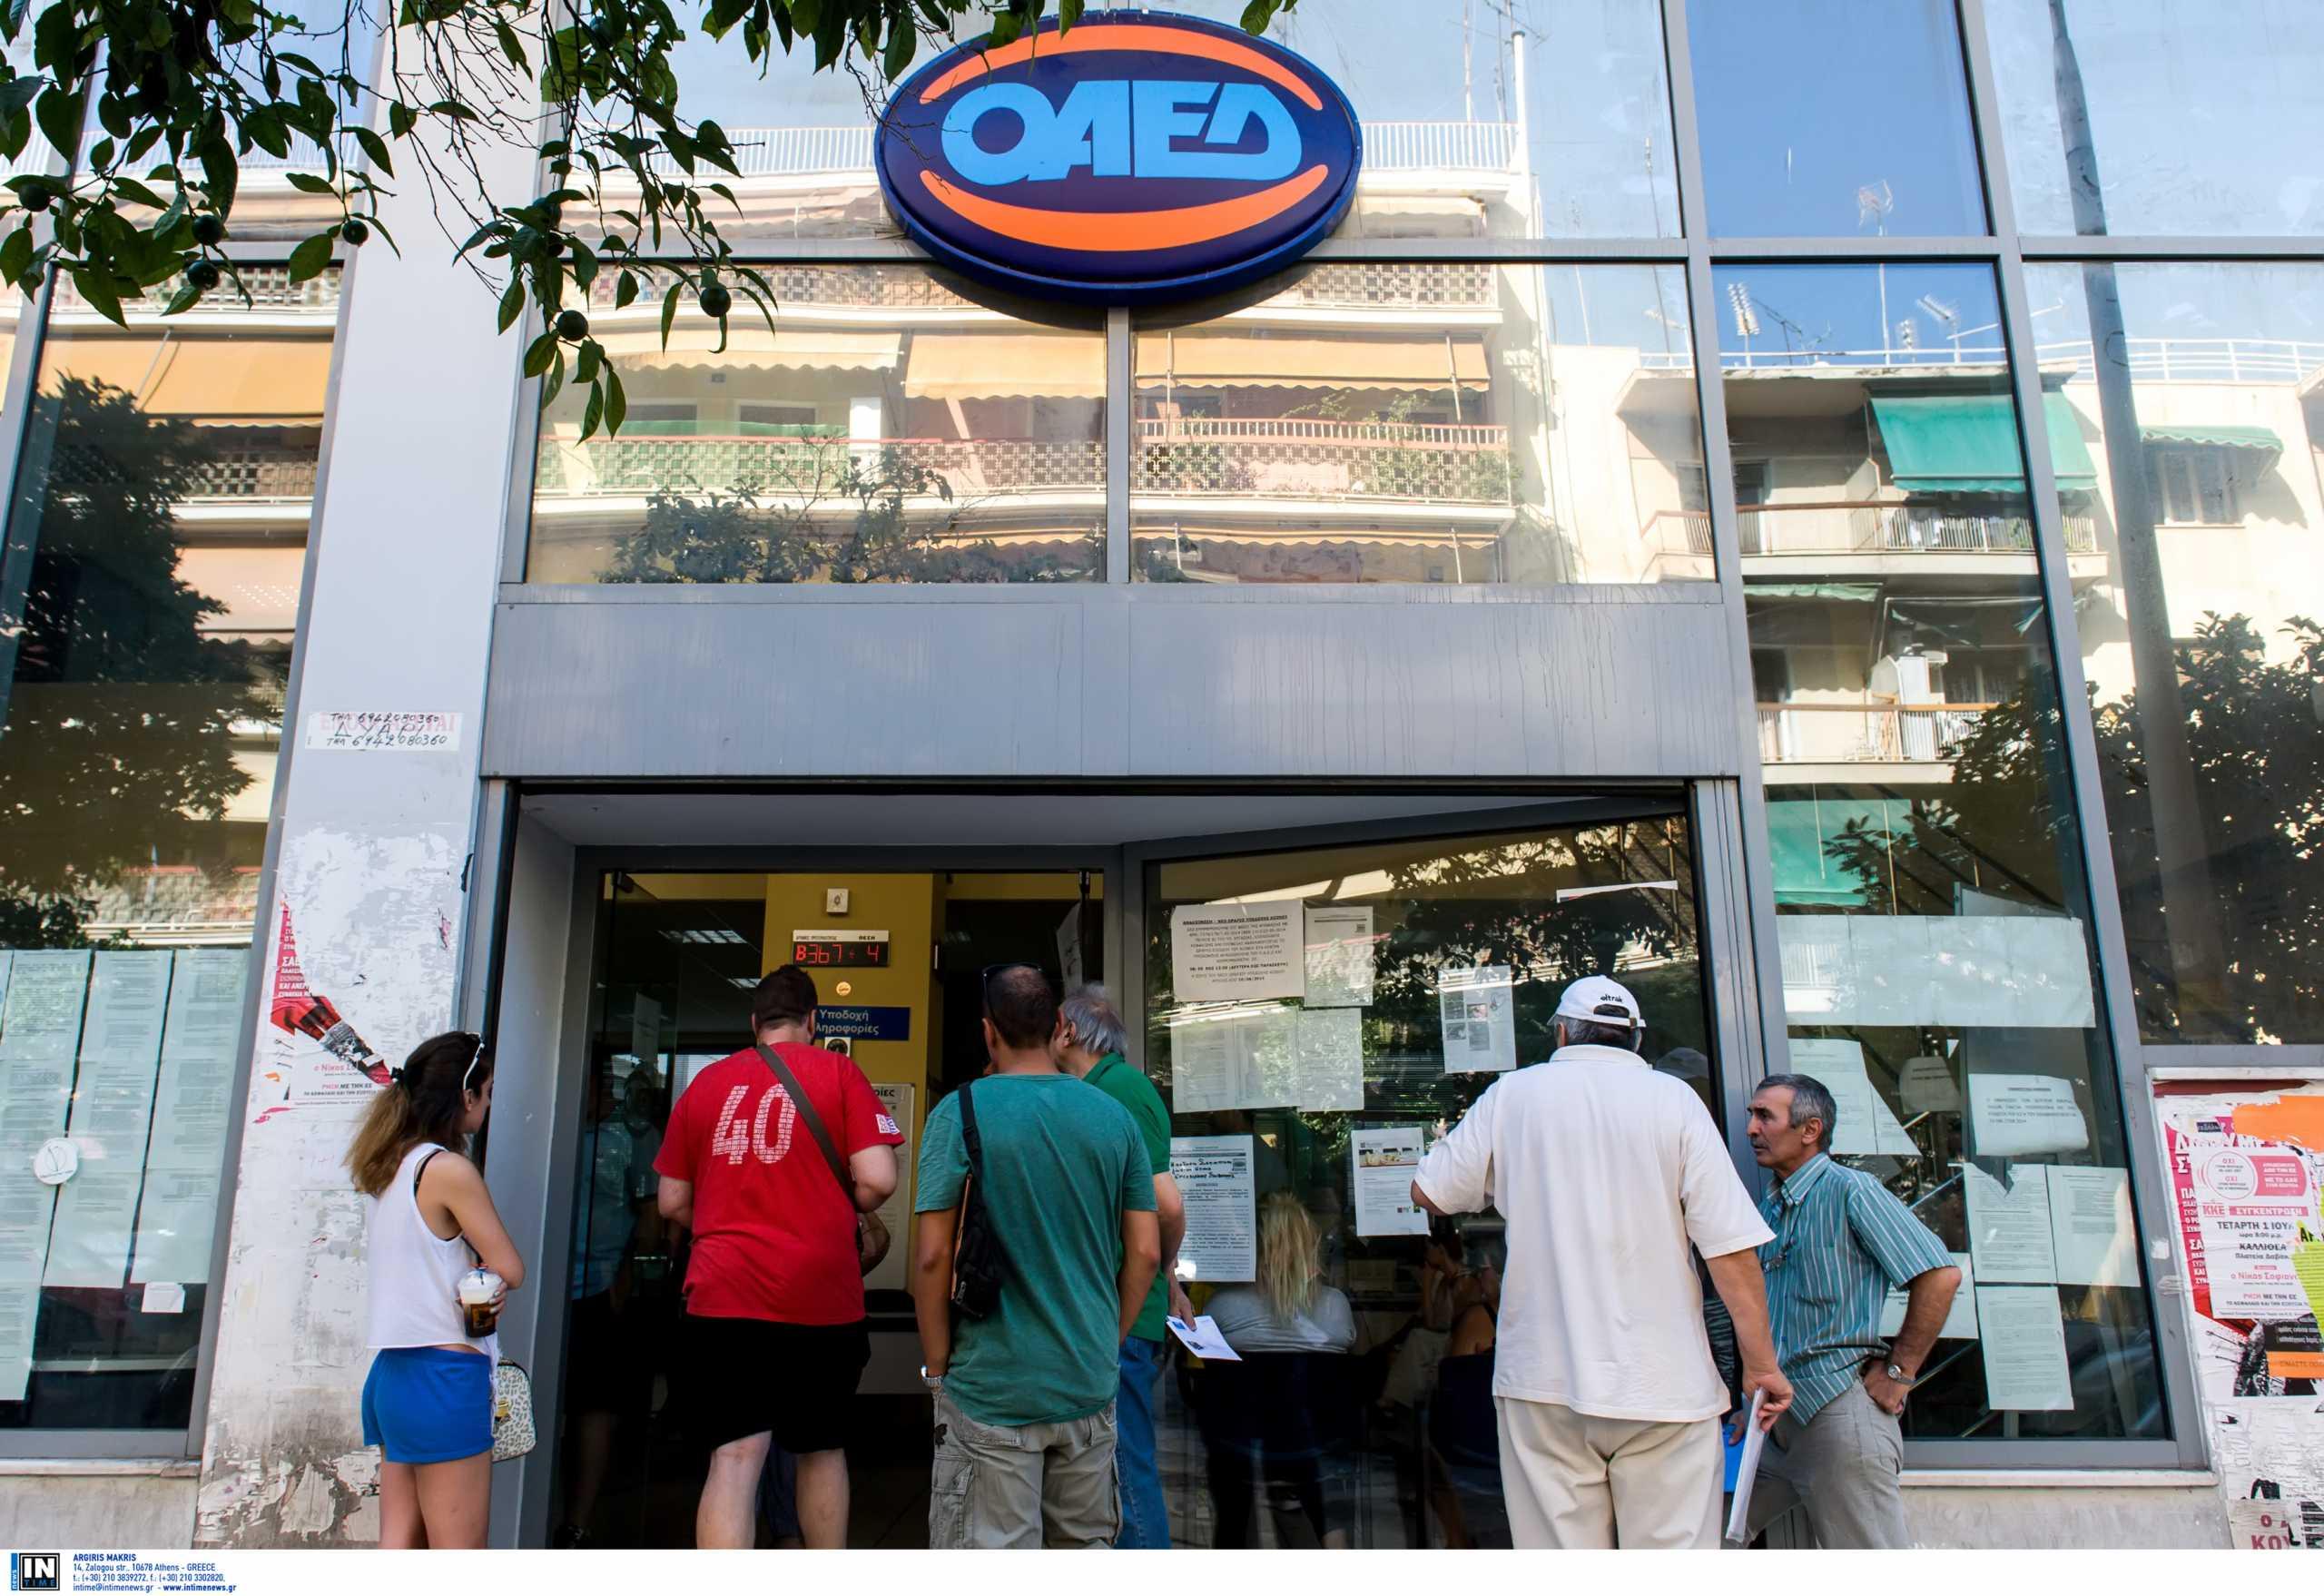 ΟΑΕΔ: Από αύριο αιτήσεις για 1.000 νέες θέσεις εργασίας - Μηνιαία επιδότηση έως 550 ευρώ - Πόσοι θα προσληφθούν και που